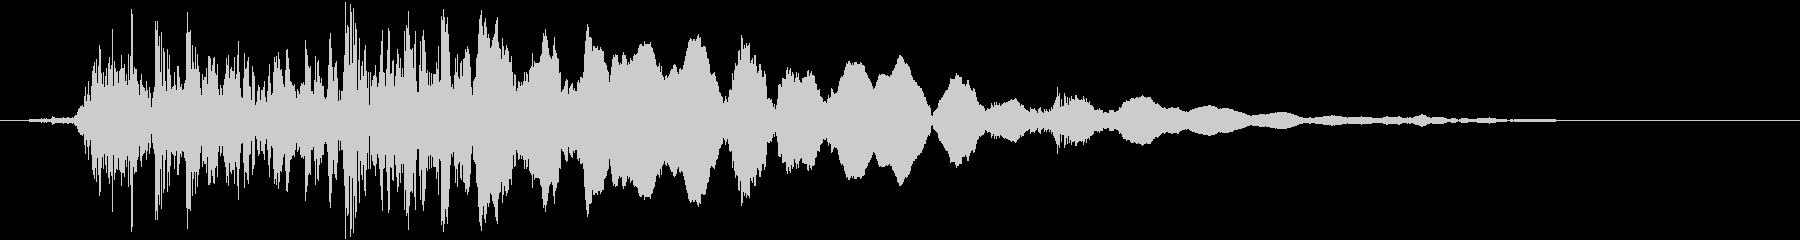 クローバーオンウッド:ウッドリリースのみの未再生の波形